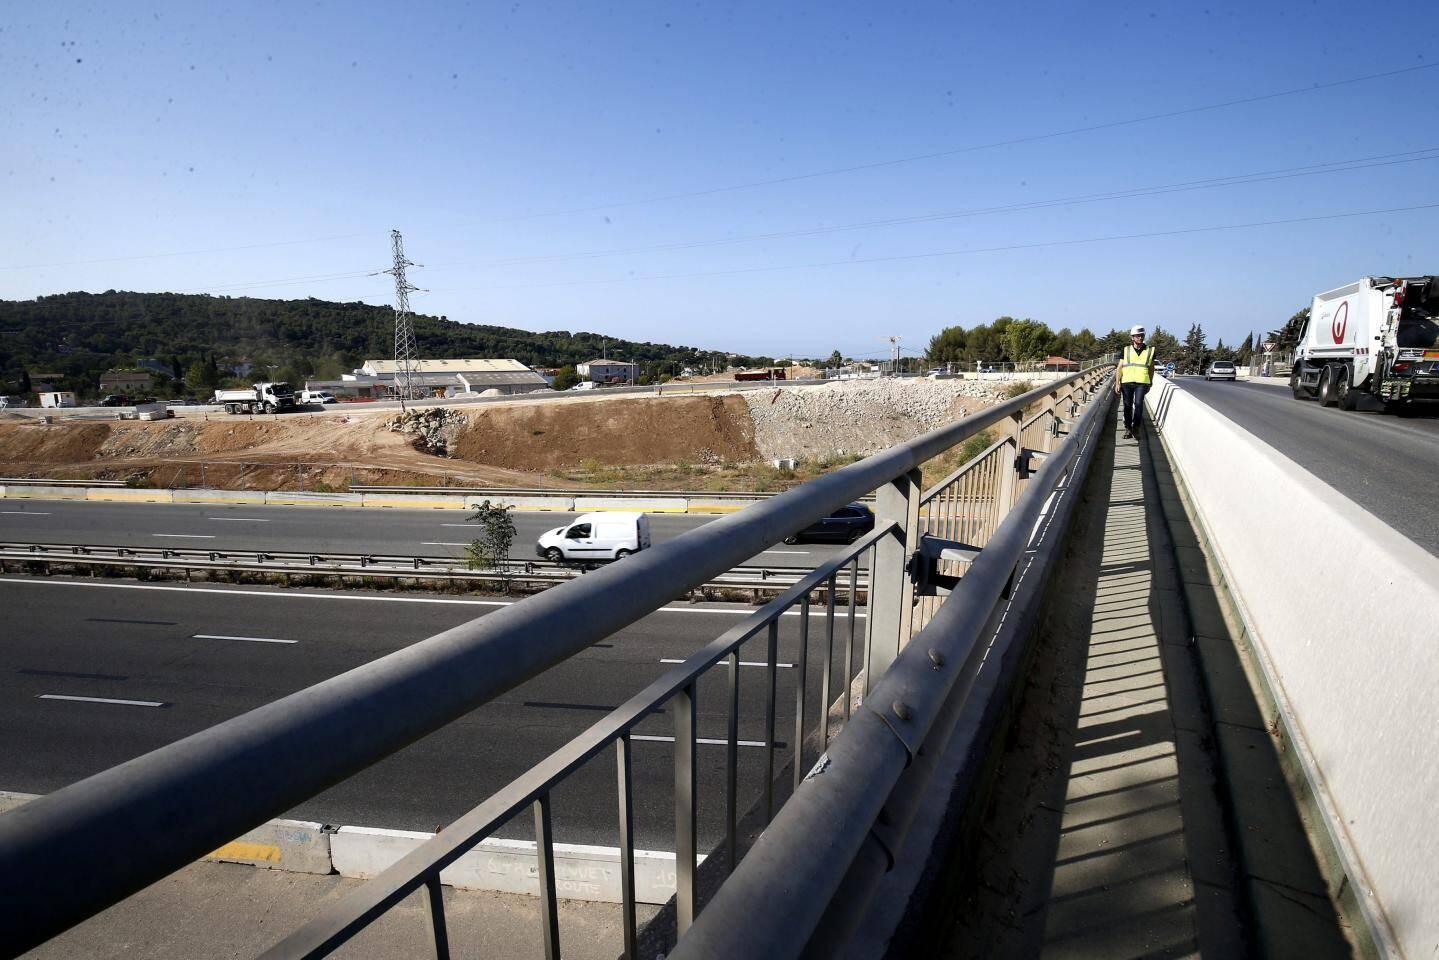 Les travaux sur le pont seront réalisés de nuit et se poursuivront jusqu'à Noël.